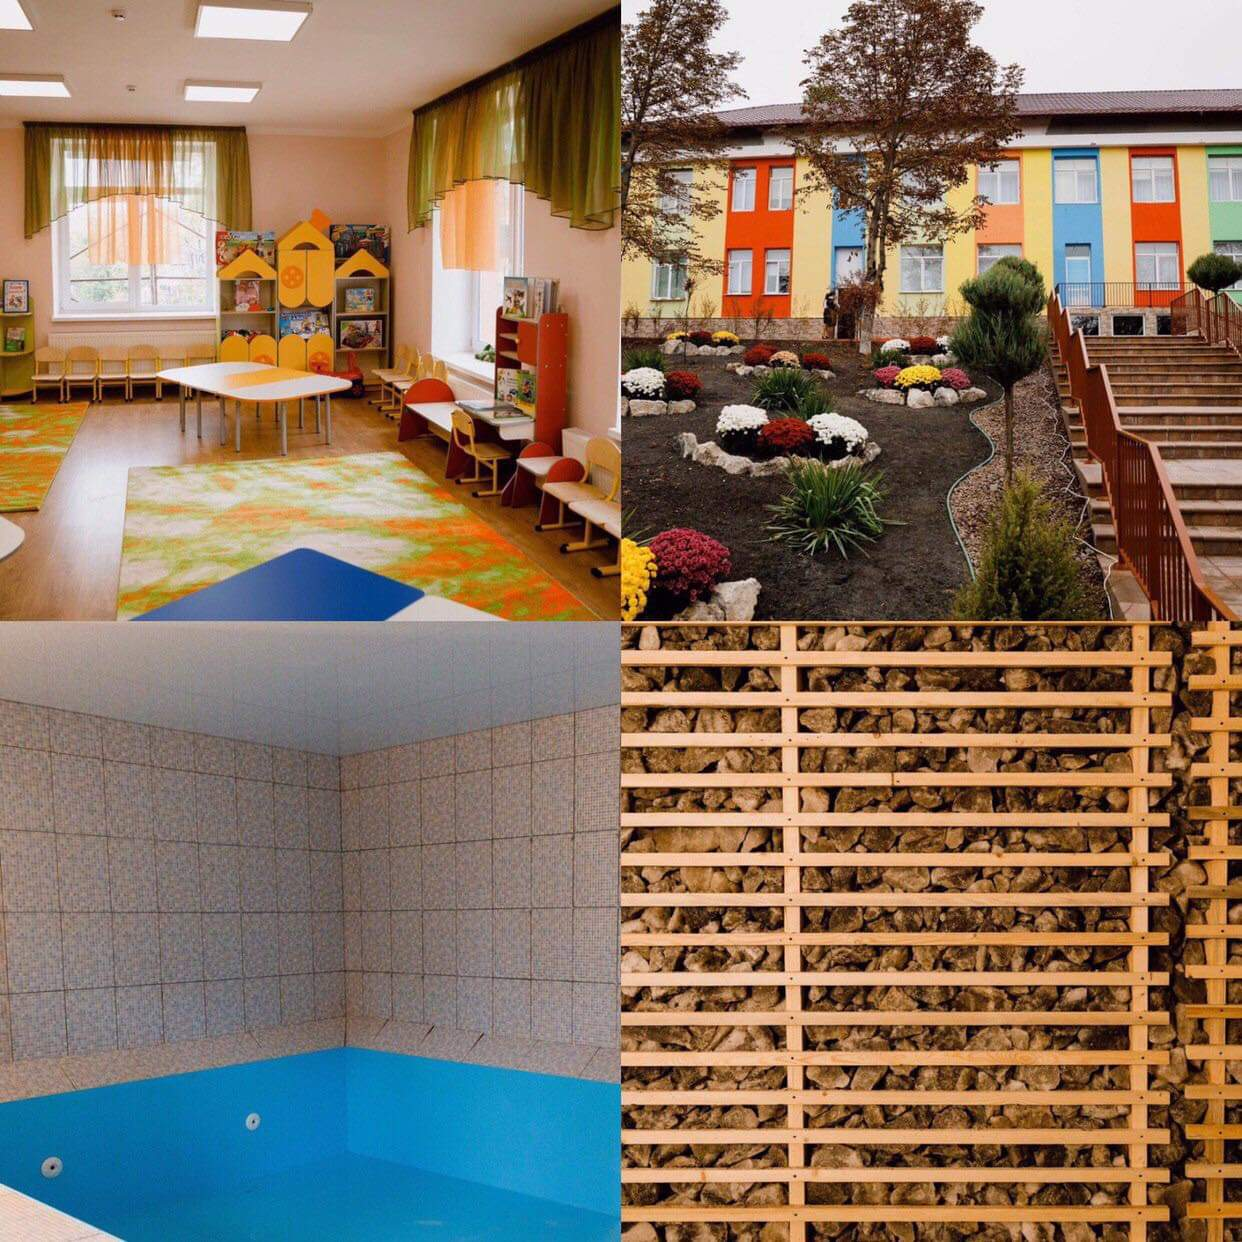 (FOTO) Premieră pentru Moldova! La Orhei a fost deschisă o grădiniță cu bazin și cameră salină